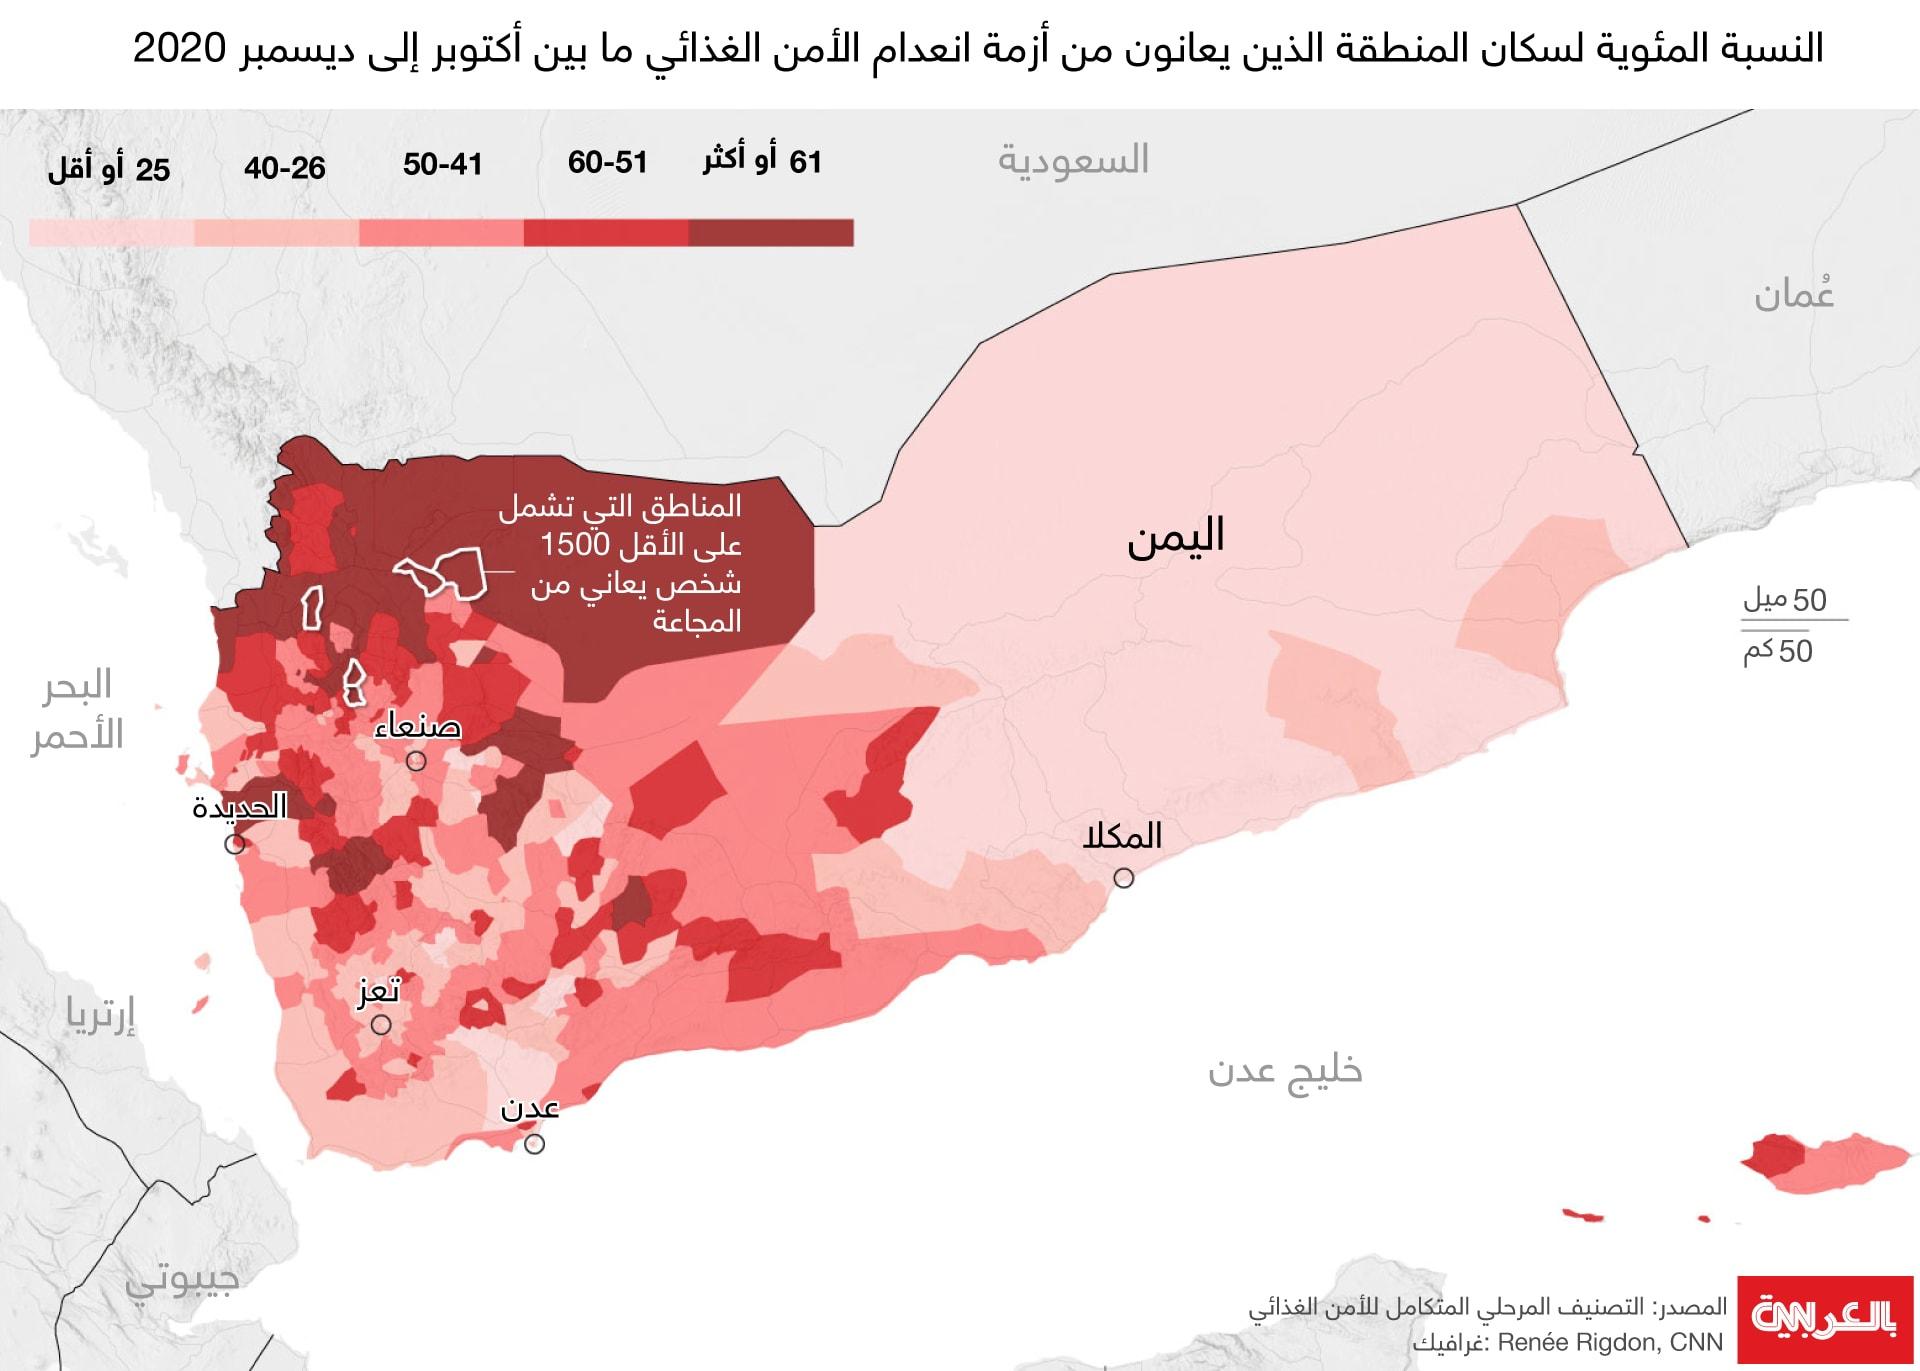 خريطة مناطق انعدام الأمن الغذائي في اليمن بوابتي